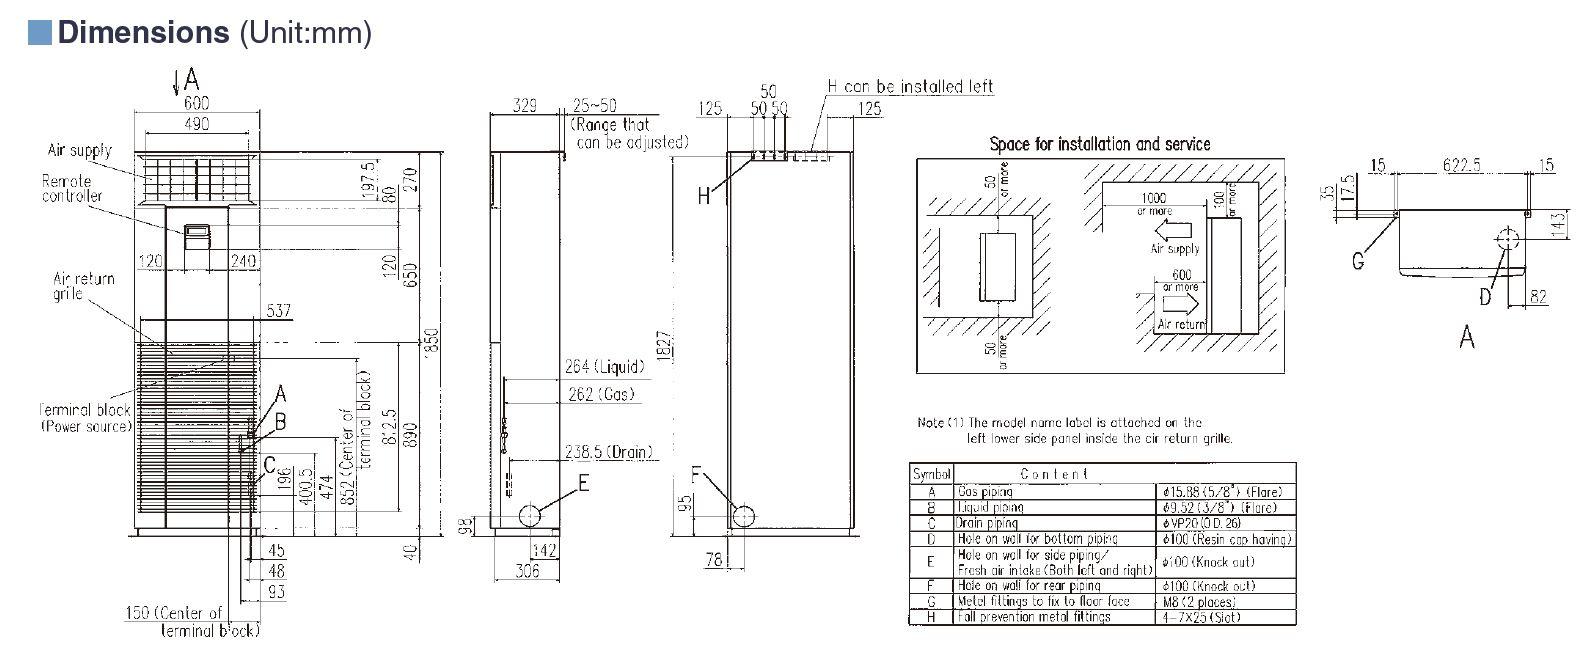 Mitsubishi Heavy Industries Air Conditioning Fdf125vd Floor Mounted Wiring Diagram Heat Pump Inverter 125kw 42000btu B